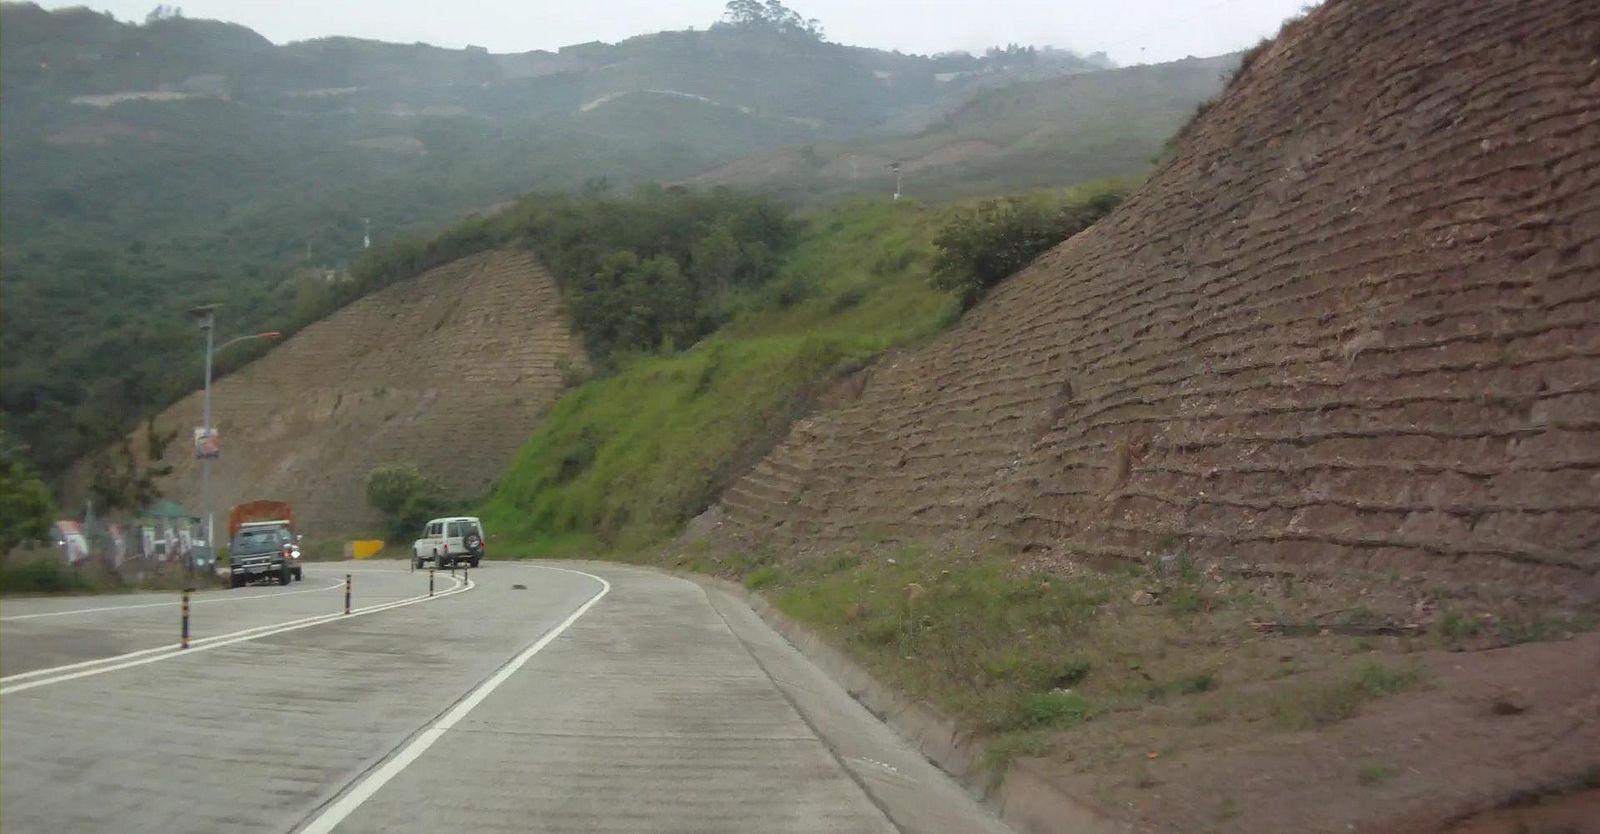 https://flic.kr/p/drmoX2   Carretera de Mamera a Junquito ,Distrito Capital , Venezuela   Carretera de Mamera a Junquito ,Distrito Capital , Venezuela